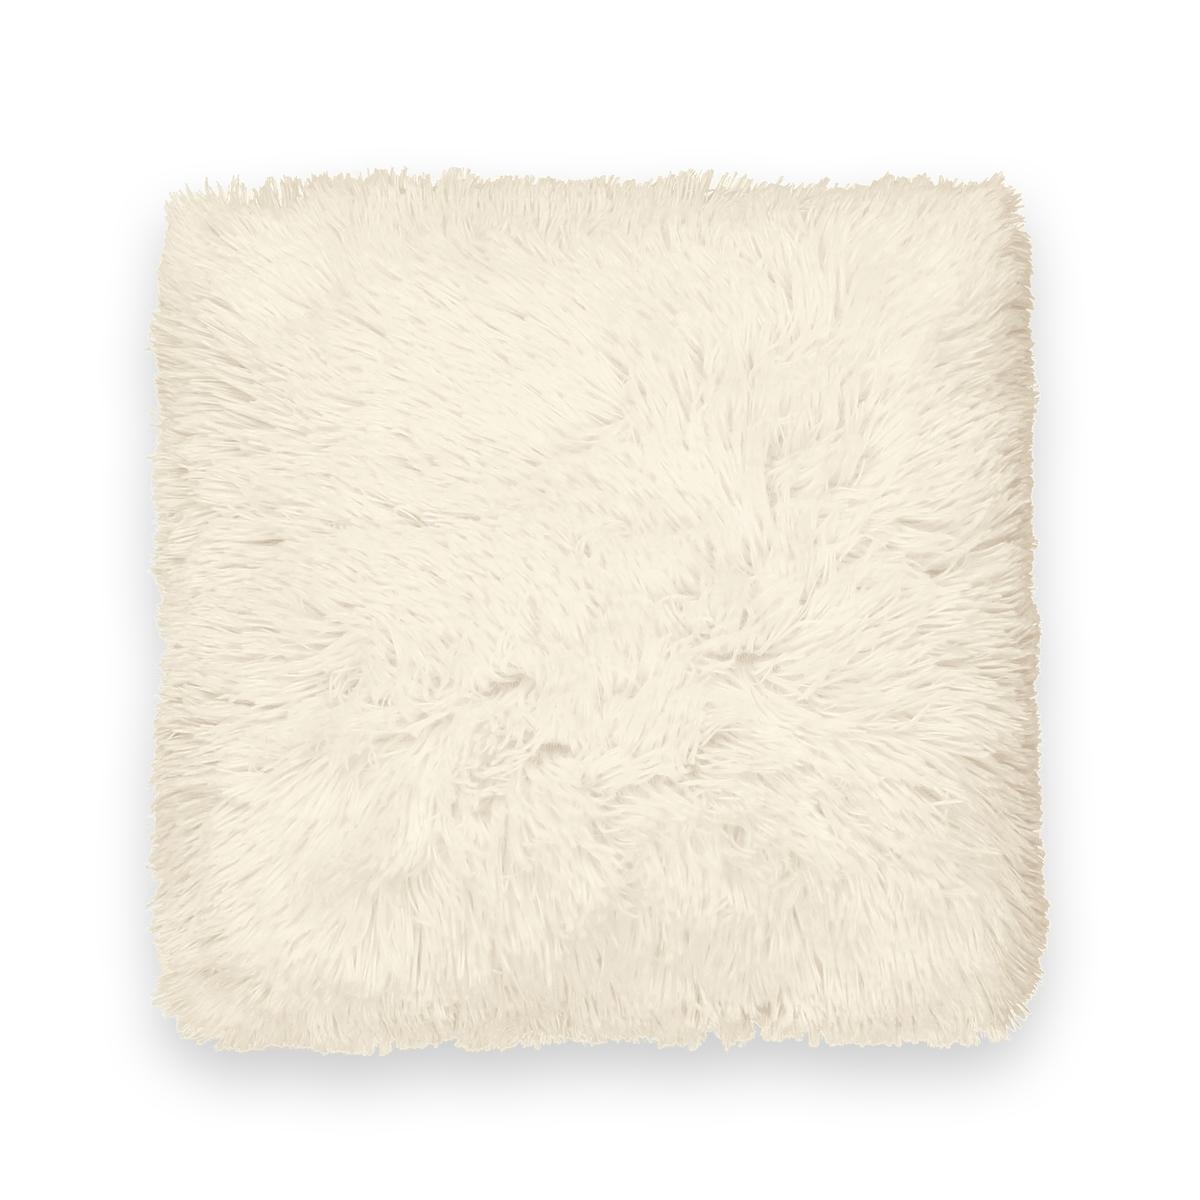 Чехол для подушки DOUDOUXОписание:Очень мягкий чехол для подушки с меховым эффектом DOUDOUX.Характеристики чехла для подушки DOUDOUX :Лицевая и оборотная стороны: с длинным ворсом, 100% полиэстерЗастежка на молнию в тонПодушка.TERRA продается отдельно на нашем сайтеРазмеры чехла для подушки  DOUDOUX :40 x 40 смВсю коллекцию DOUDOUX Вы найдете на laredoute.ru<br><br>Цвет: серо-коричневый,серый